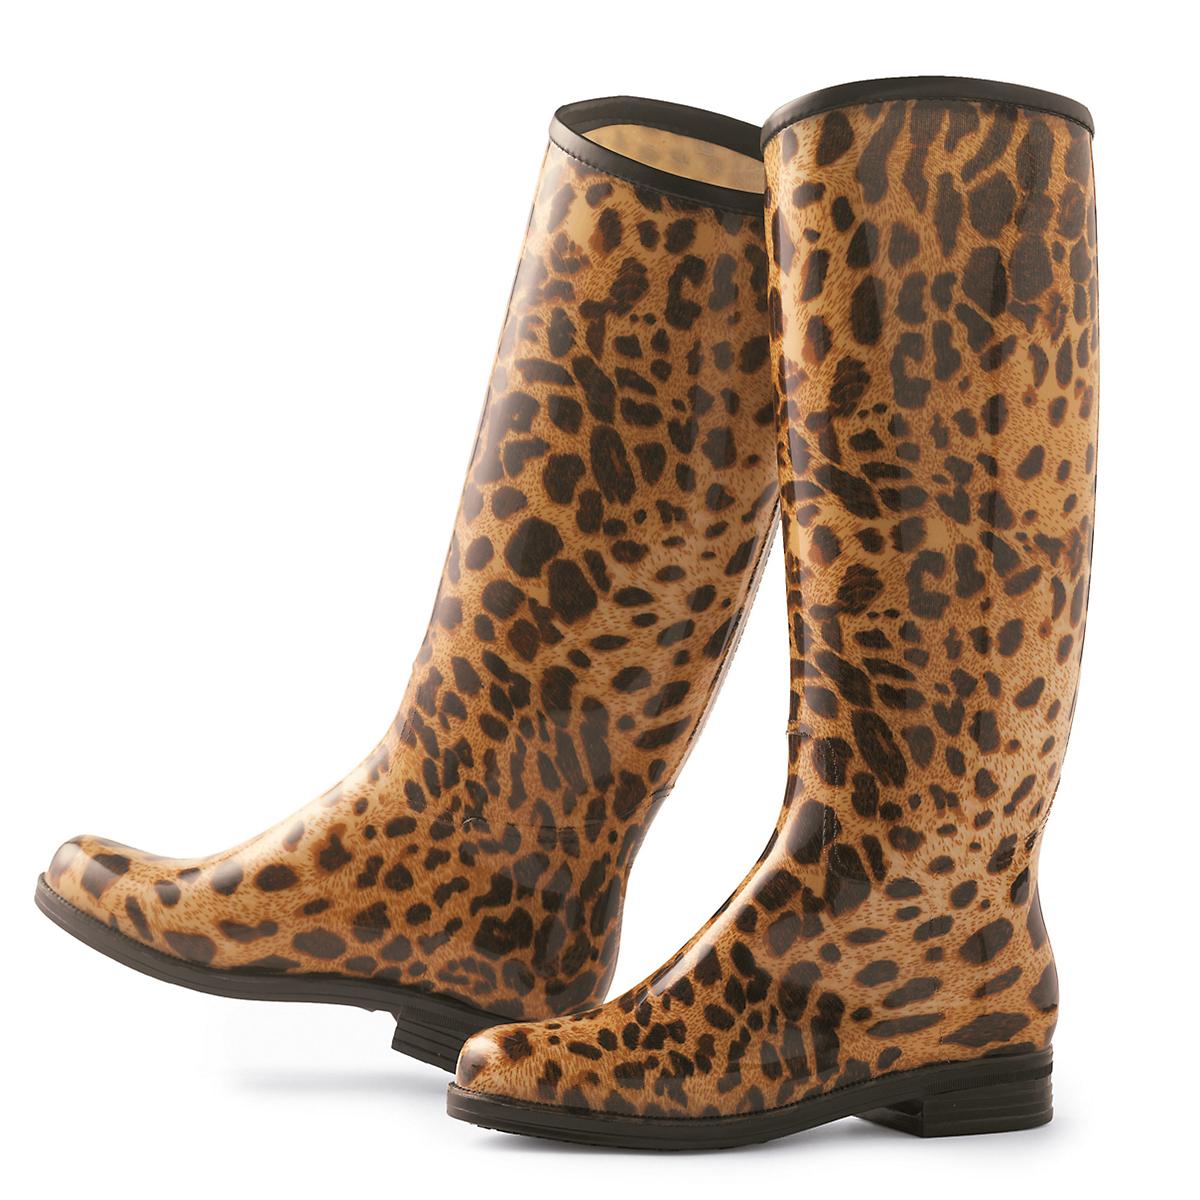 Leopard Rainboots   Gump's